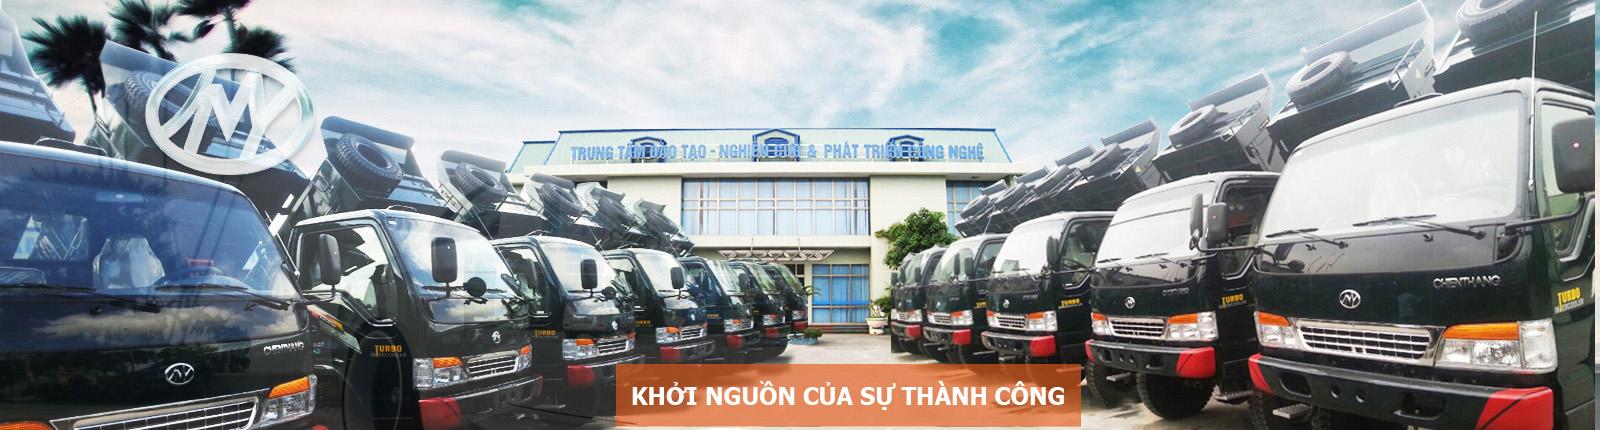 xe ô tô tải Chiến thắng